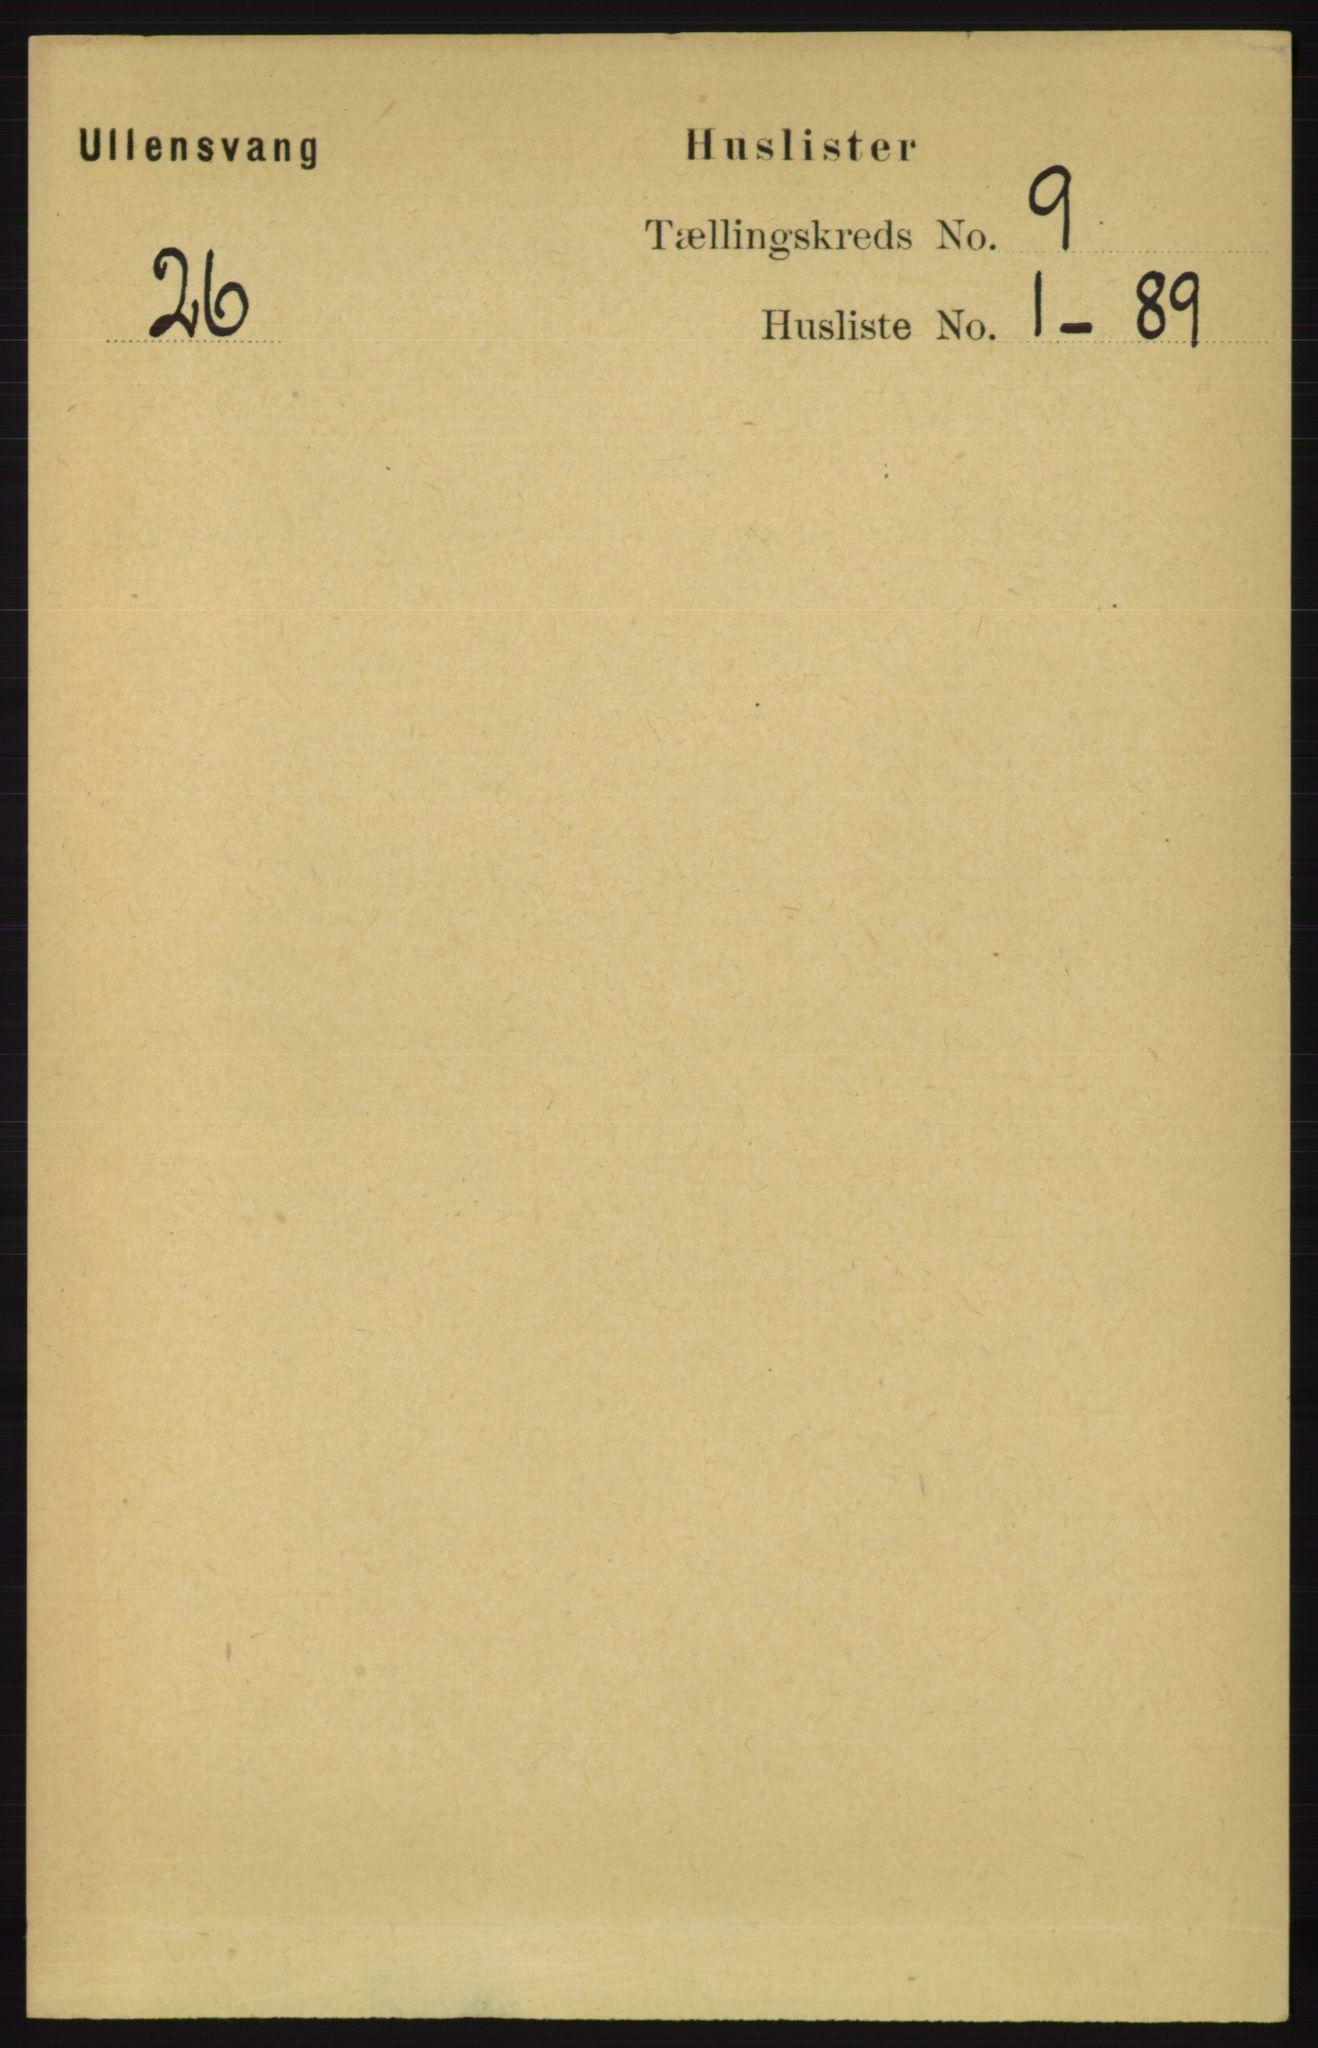 RA, Folketelling 1891 for 1230 Ullensvang herred, 1891, s. 3070